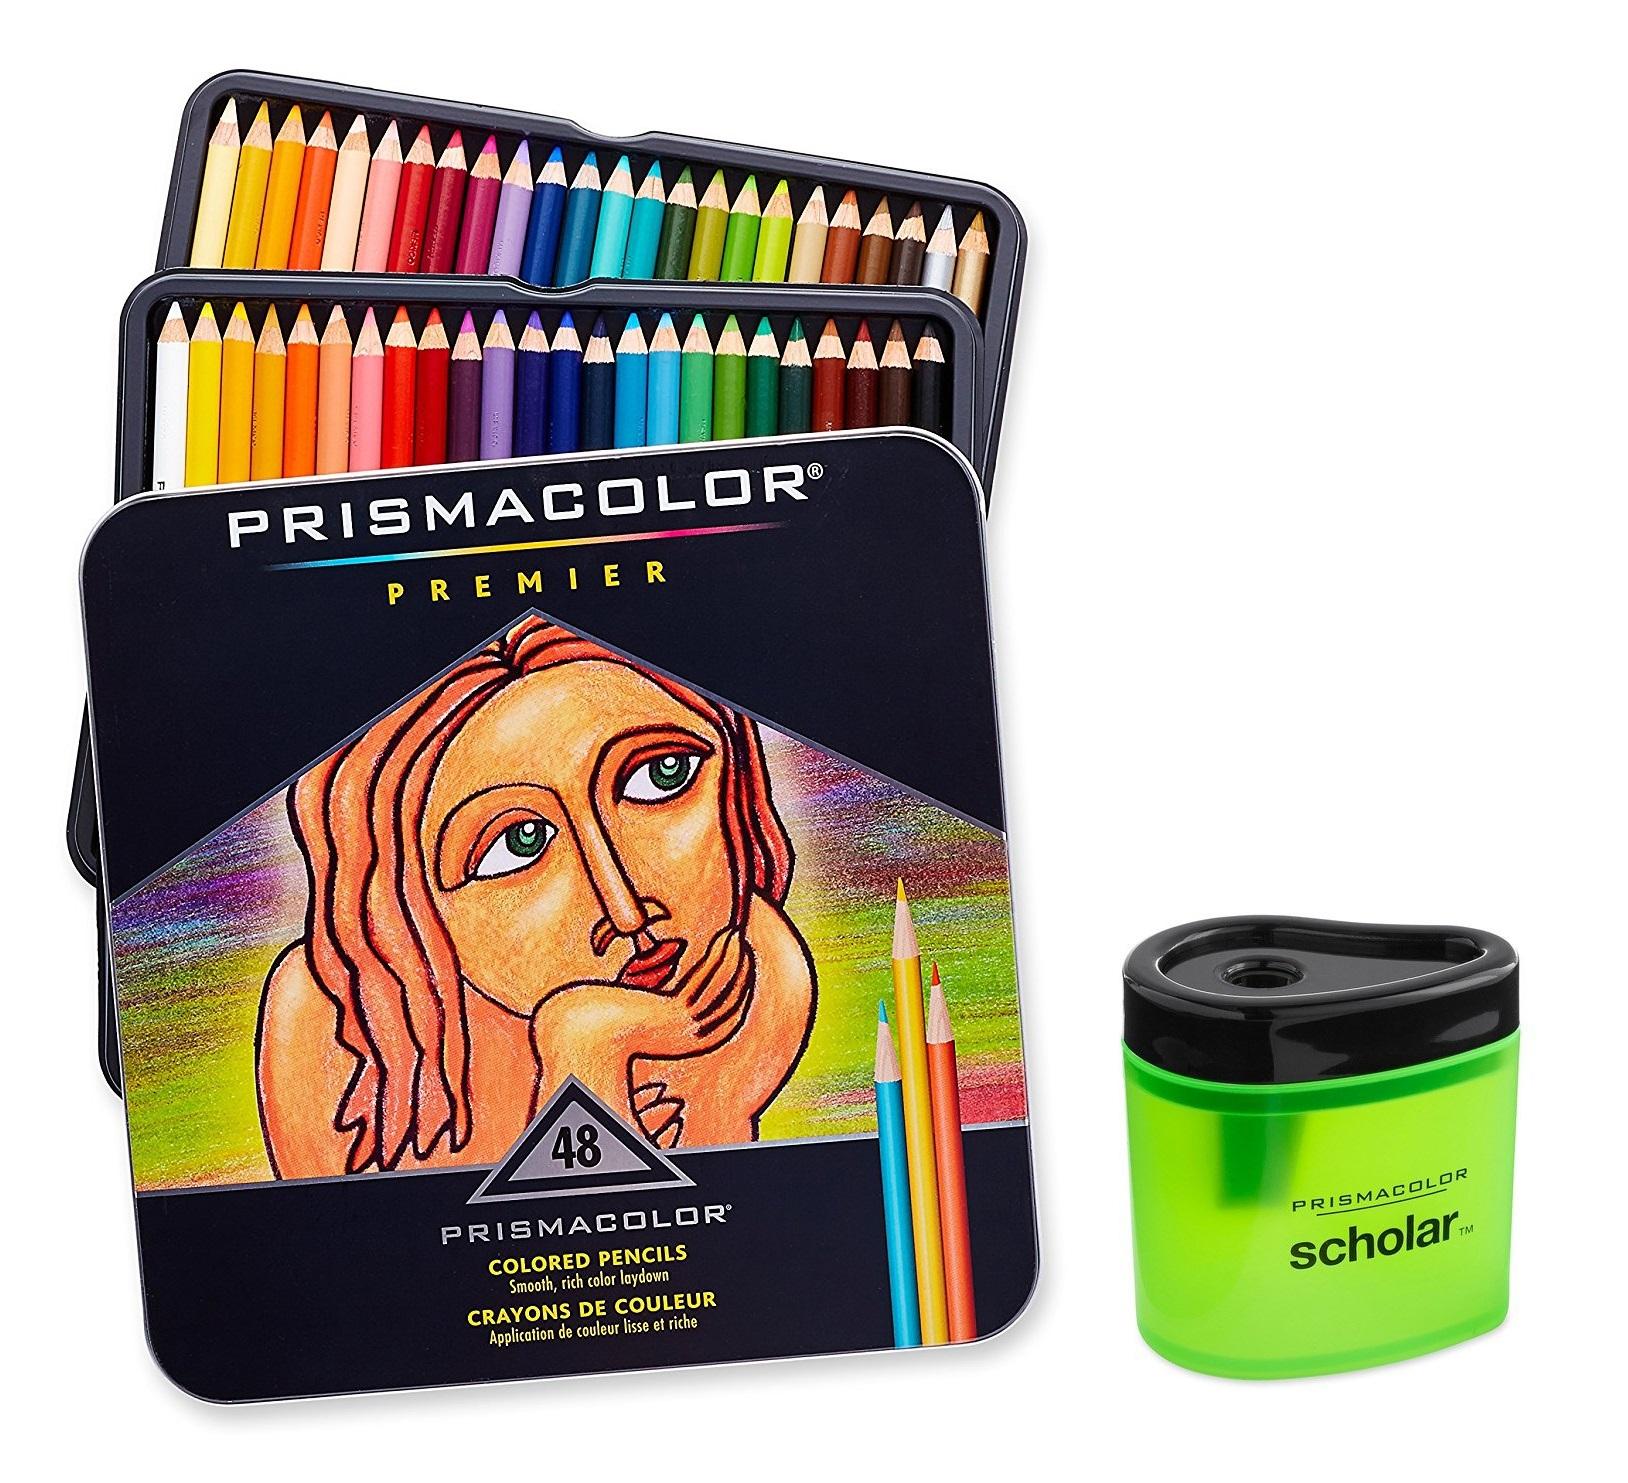 Prismacolor Premier Soft Core Colored Pencil, Set of 48 Assorted Colors + Prismacolor Scholar Colored Pencil Sharpener